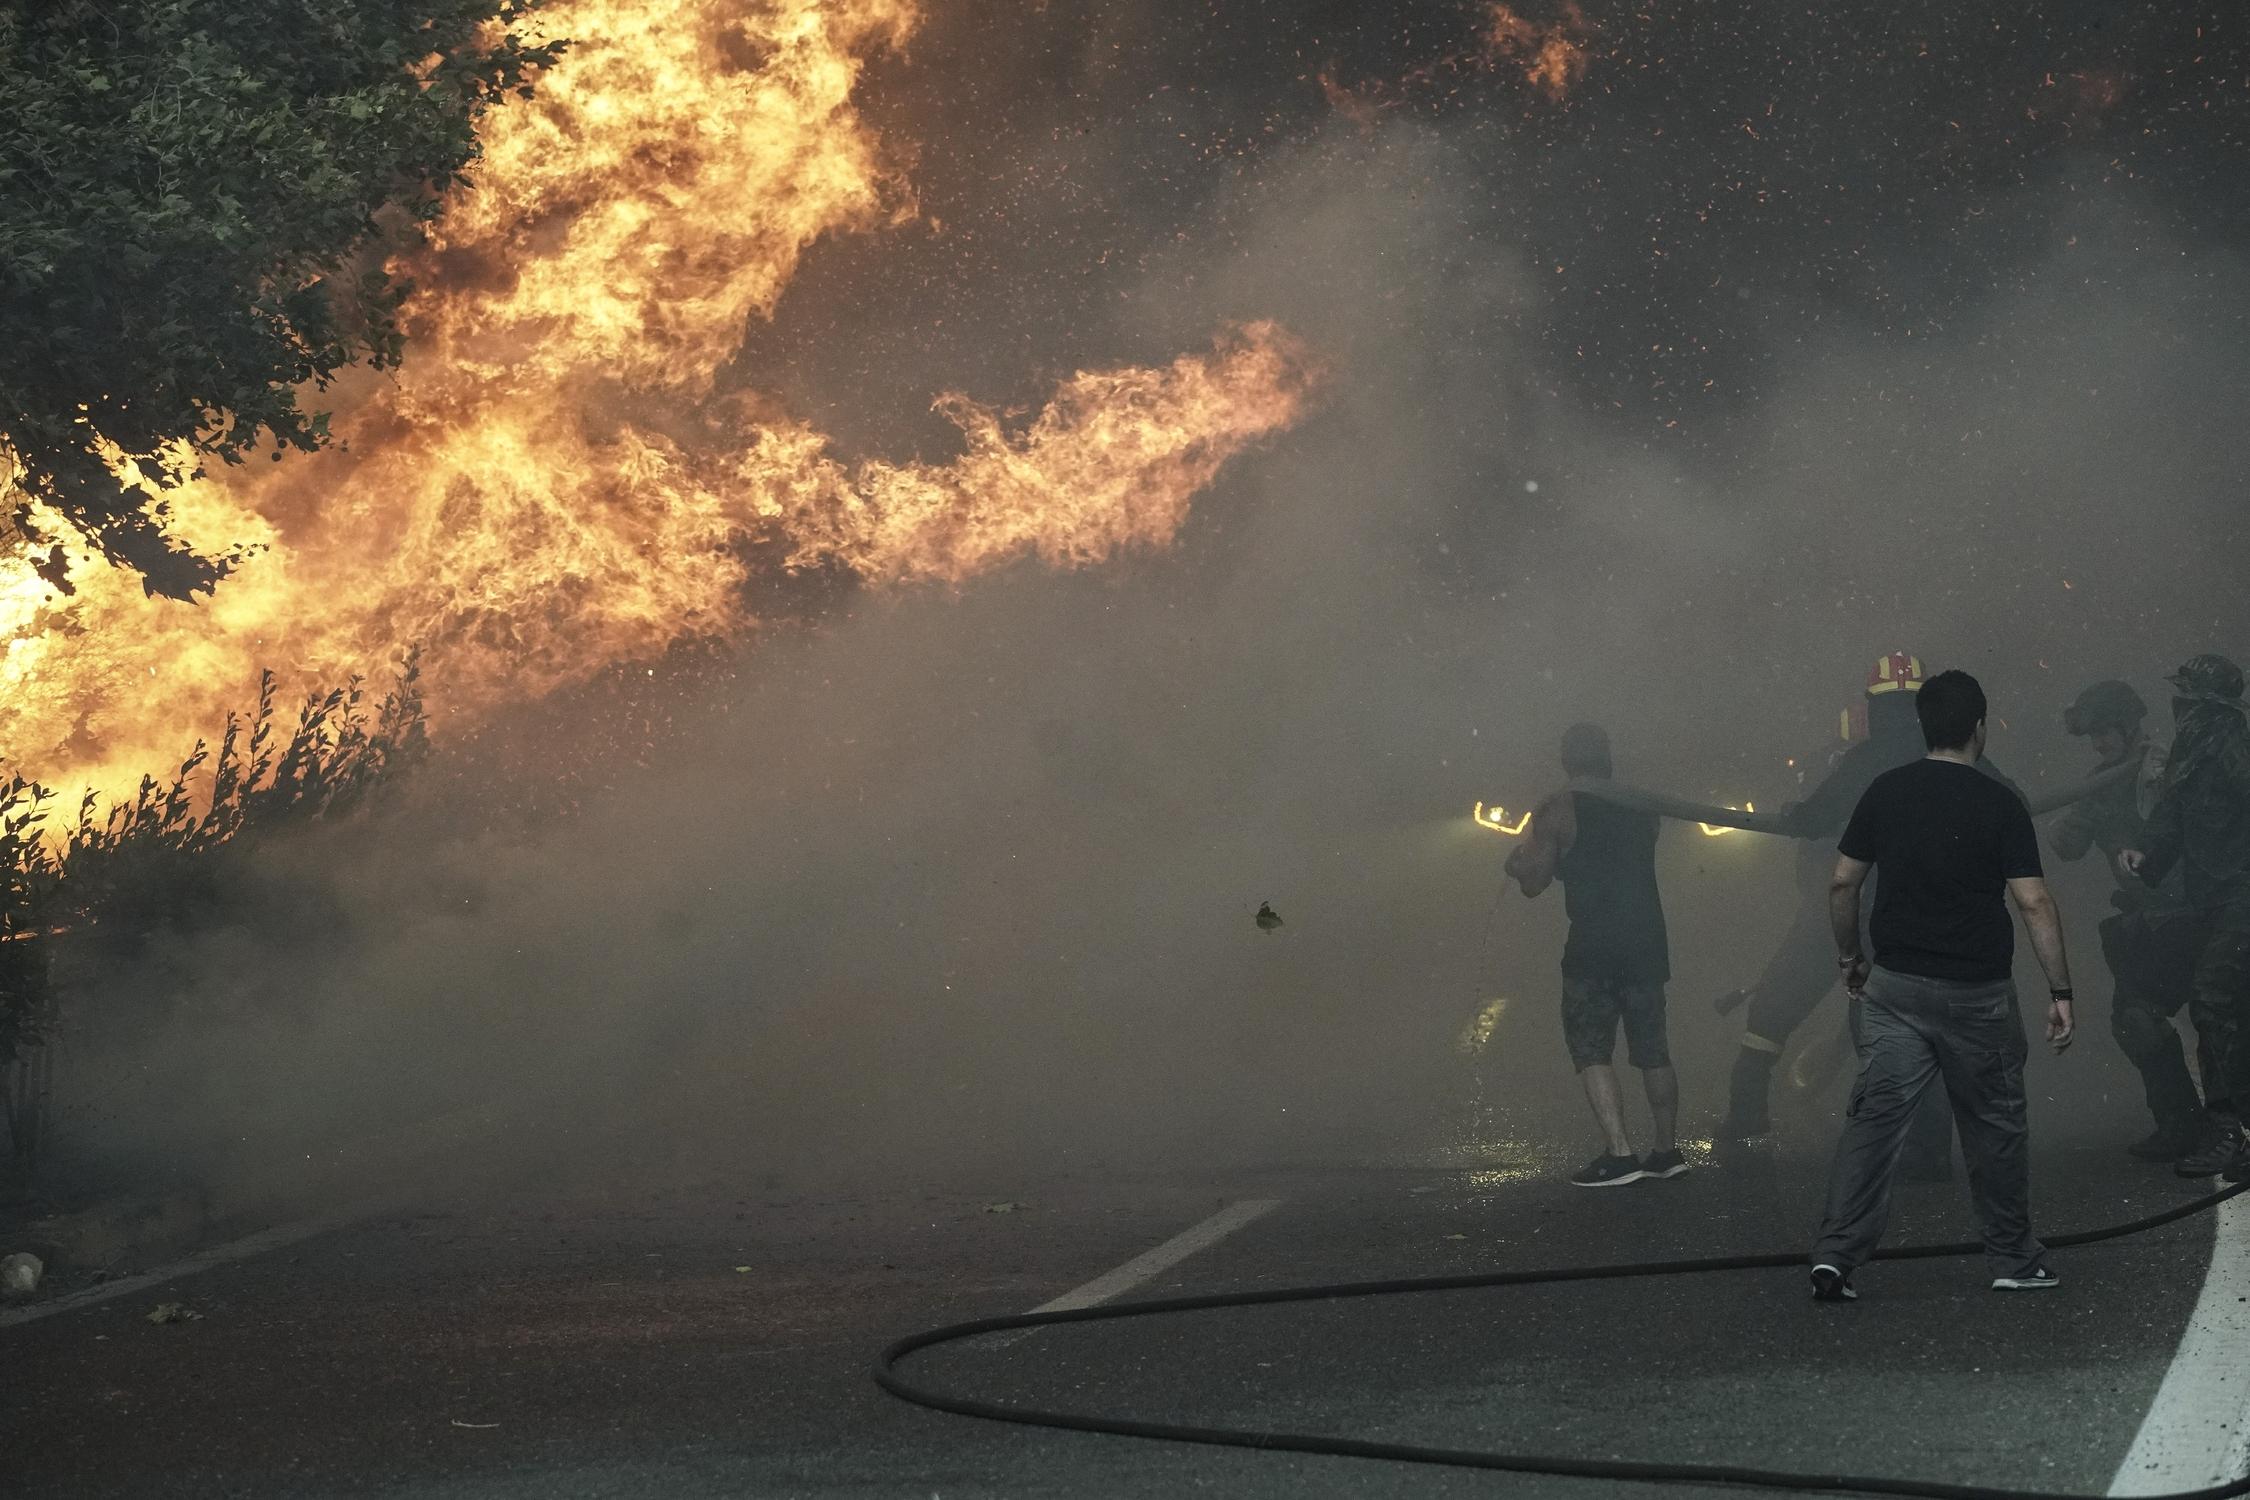 Φωτιά τώρα στη Σκεπαστή Ευβοίας – Συναγερμός στην Πυροσβεστική